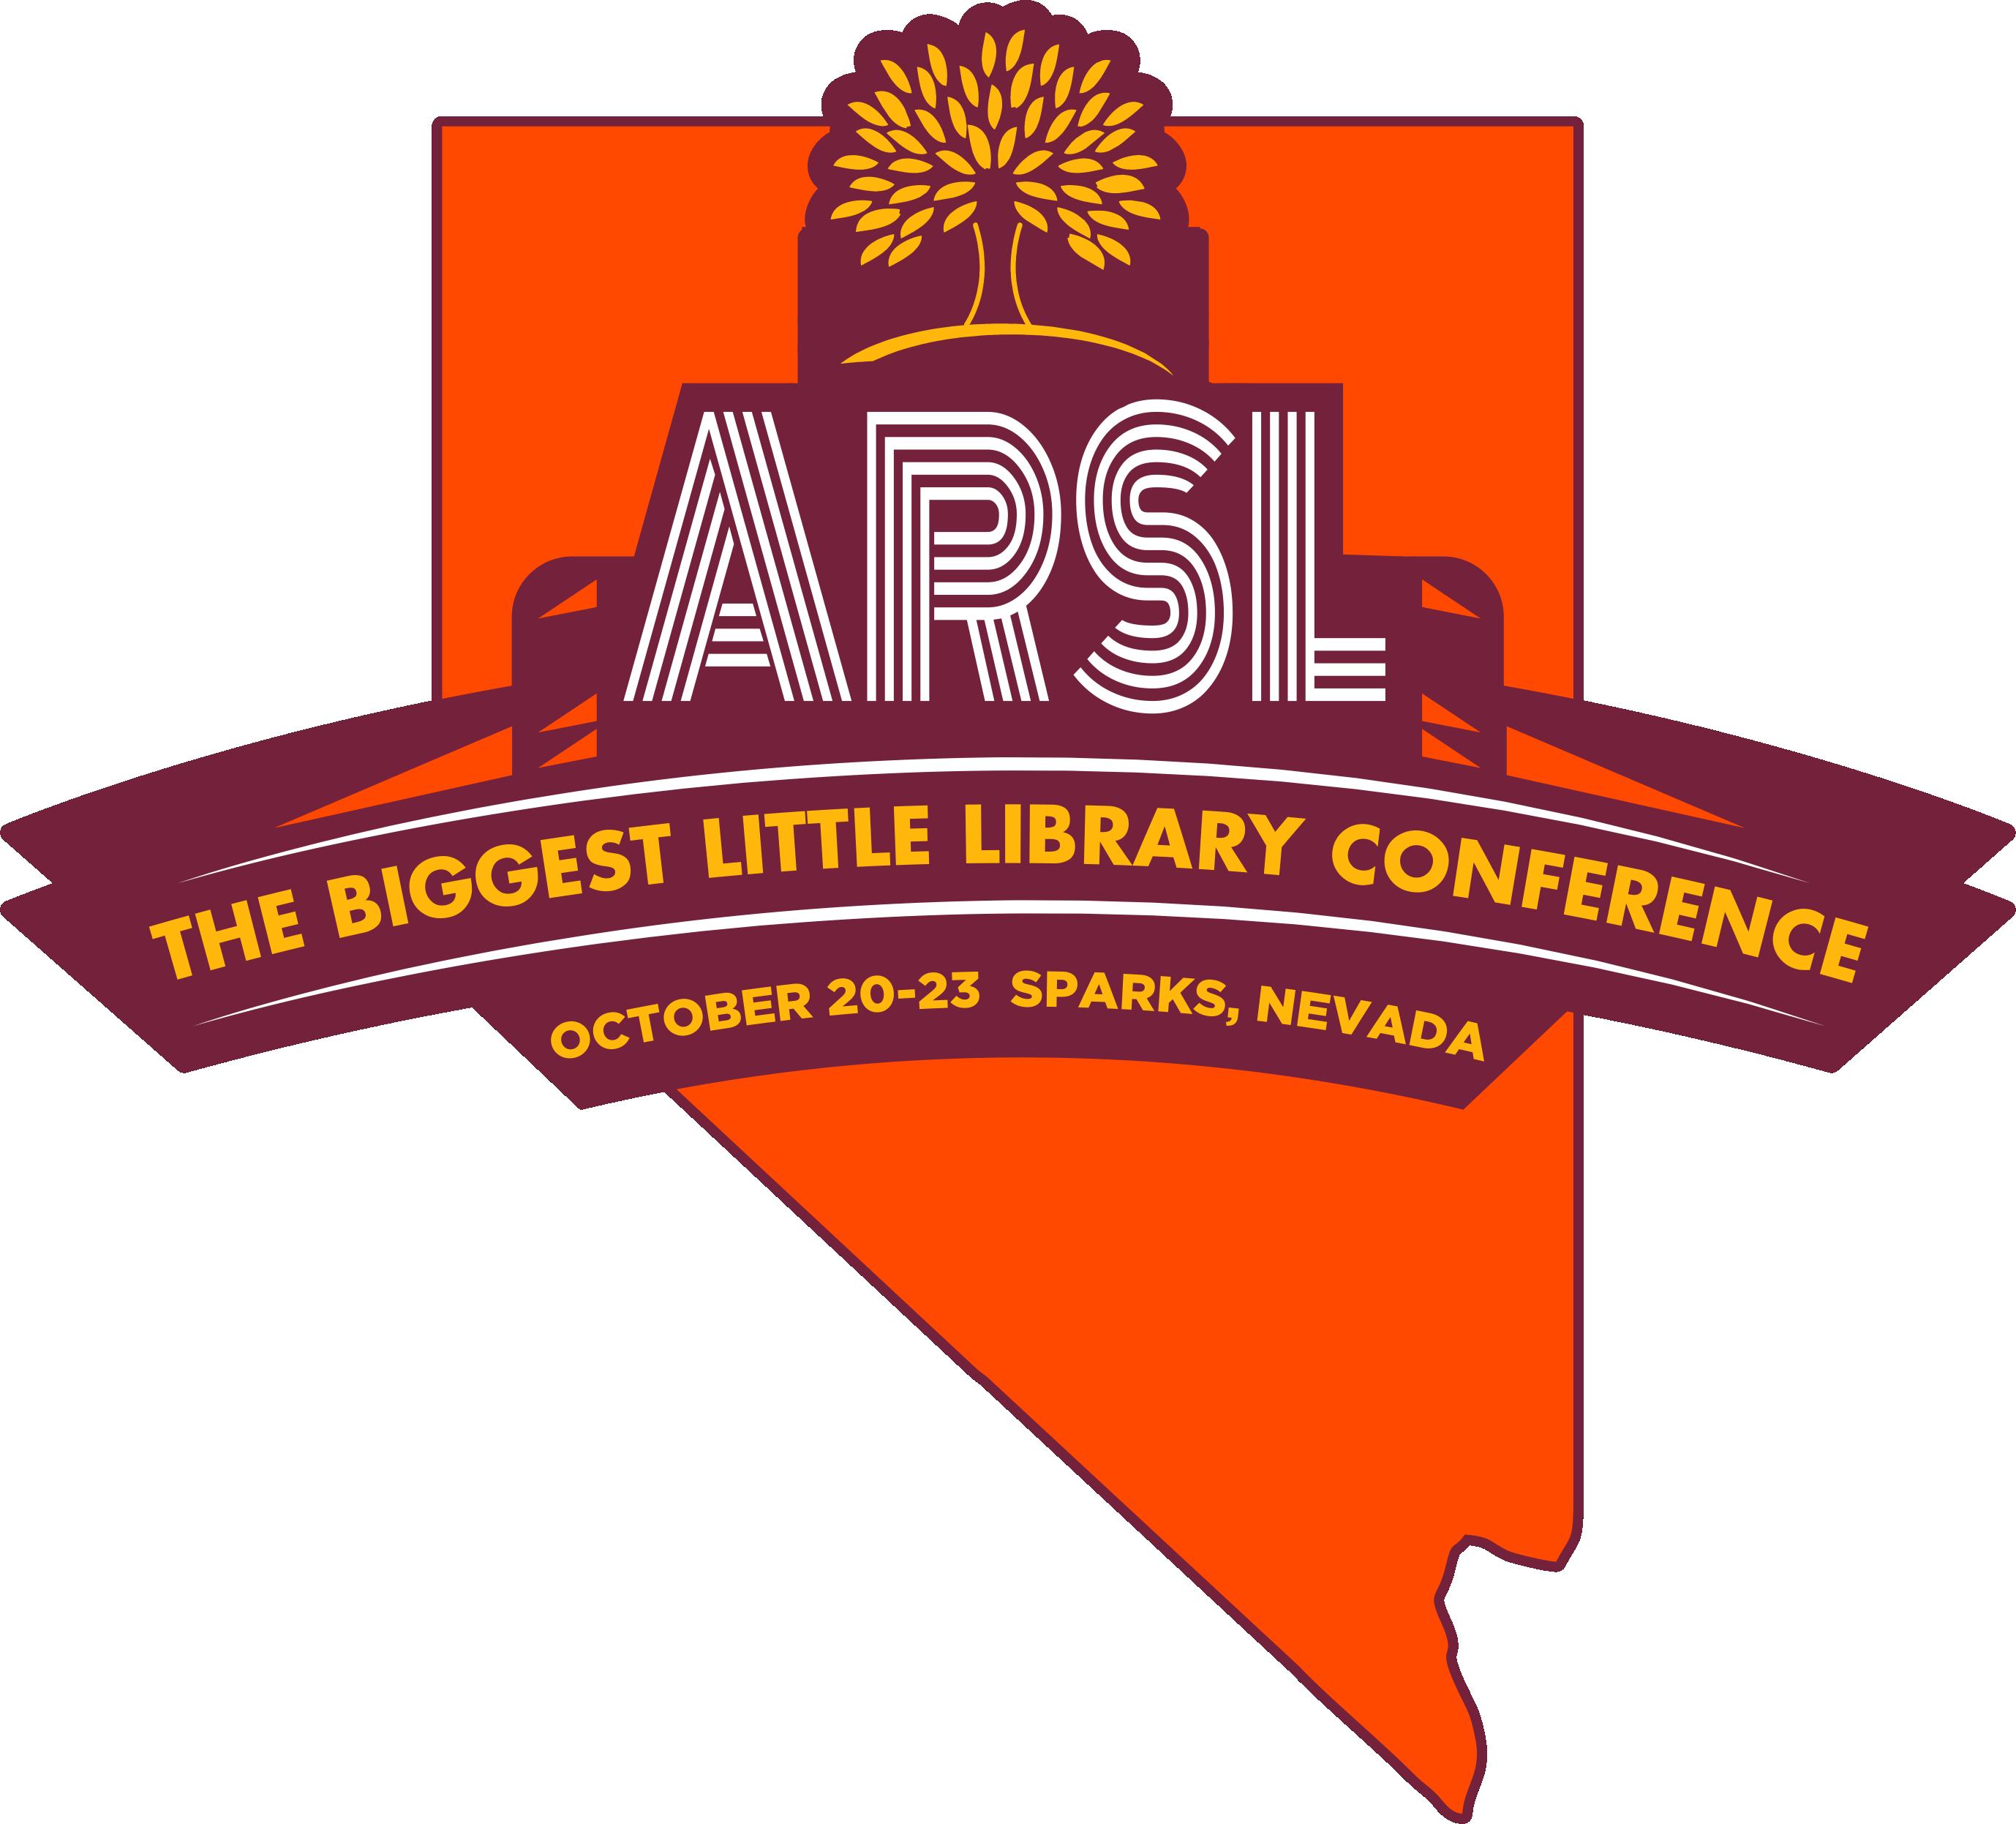 20 Conference Program Descriptions